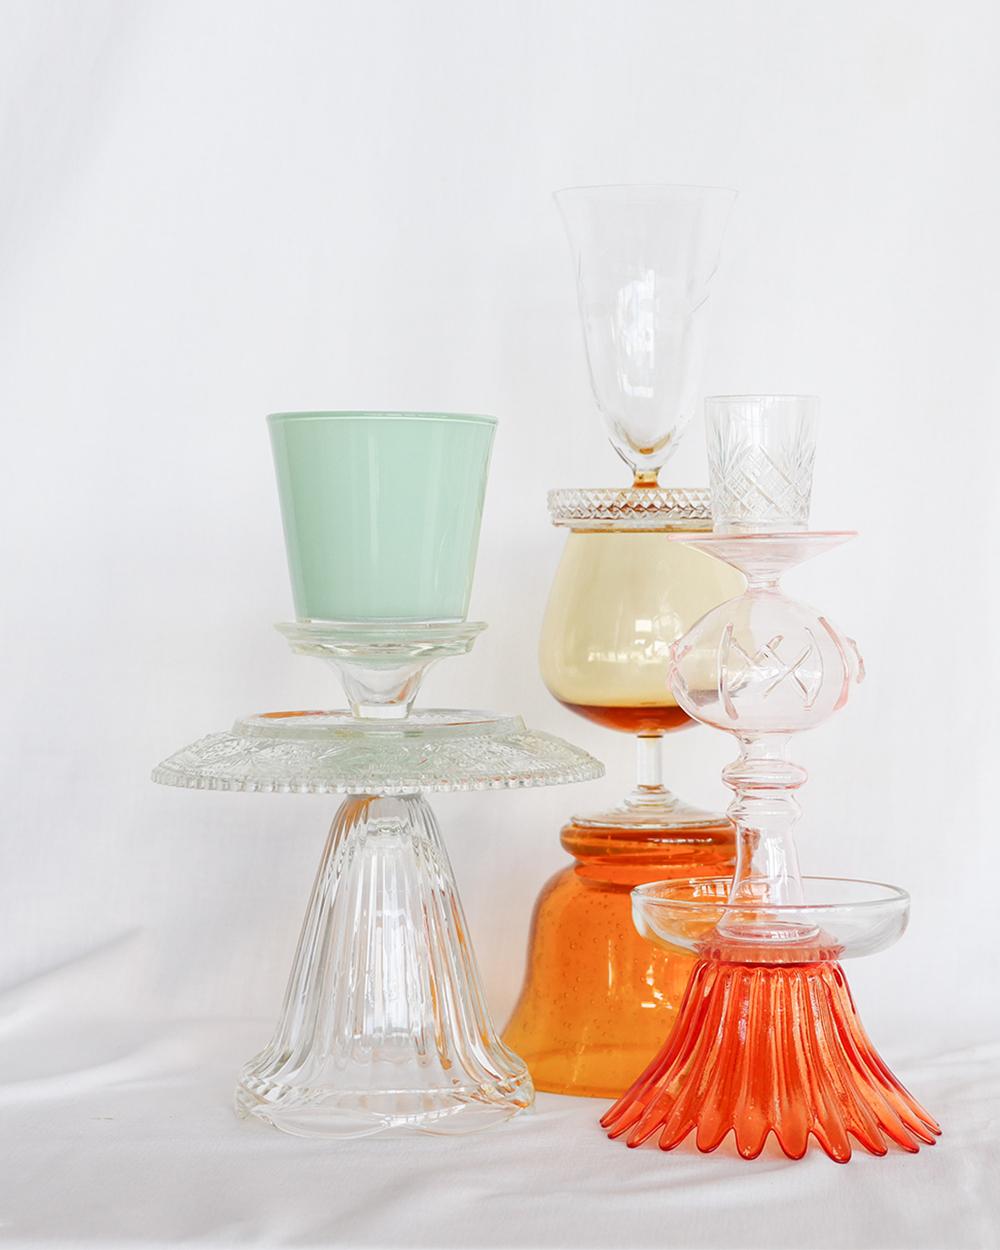 je suis flore, glass art, glass art buttercup, kandelaar, glass art lily, glass art tulips from Amsterdam